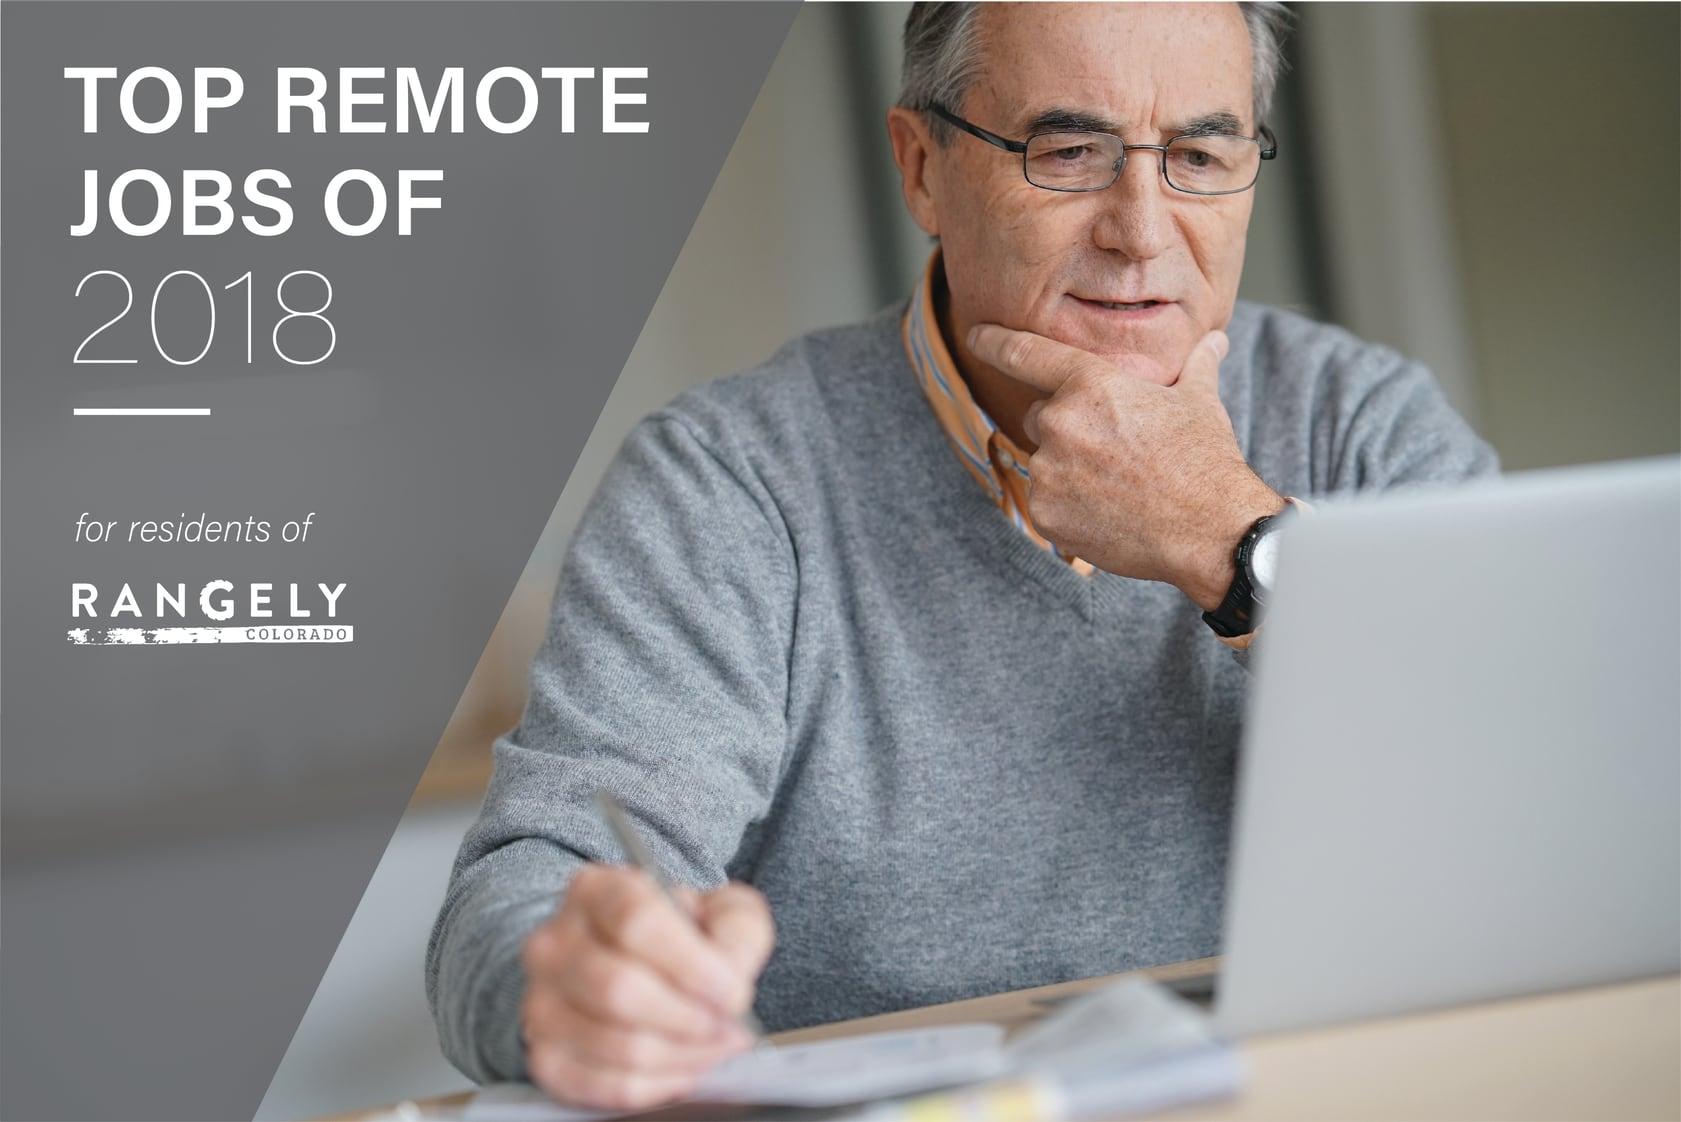 Remote-Jobs-For-Rangely-Colorado.jpg